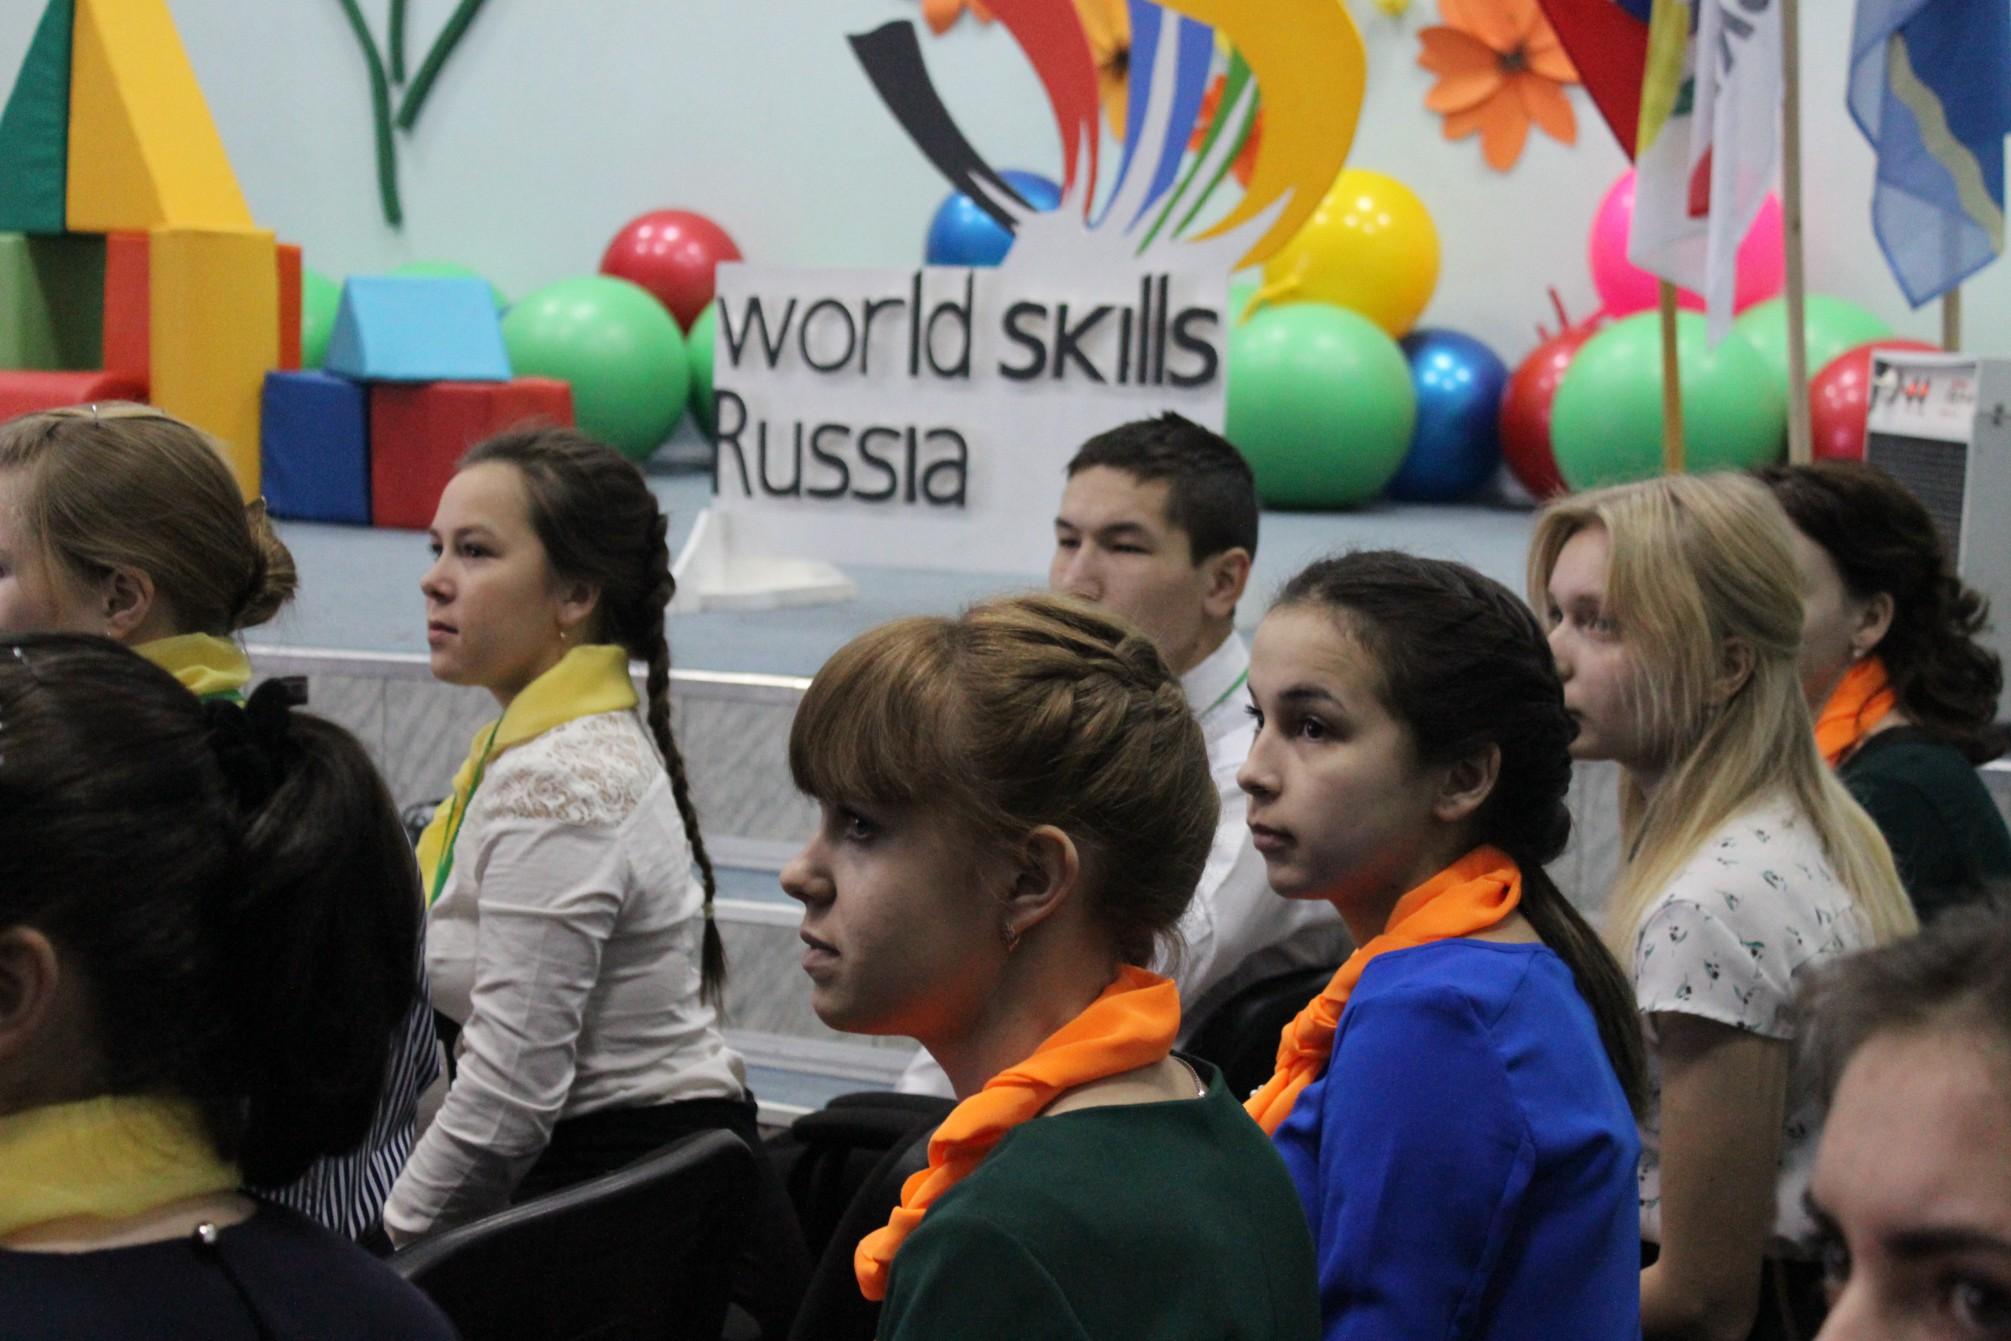 Конкурс профессионального мастерства World Skills.